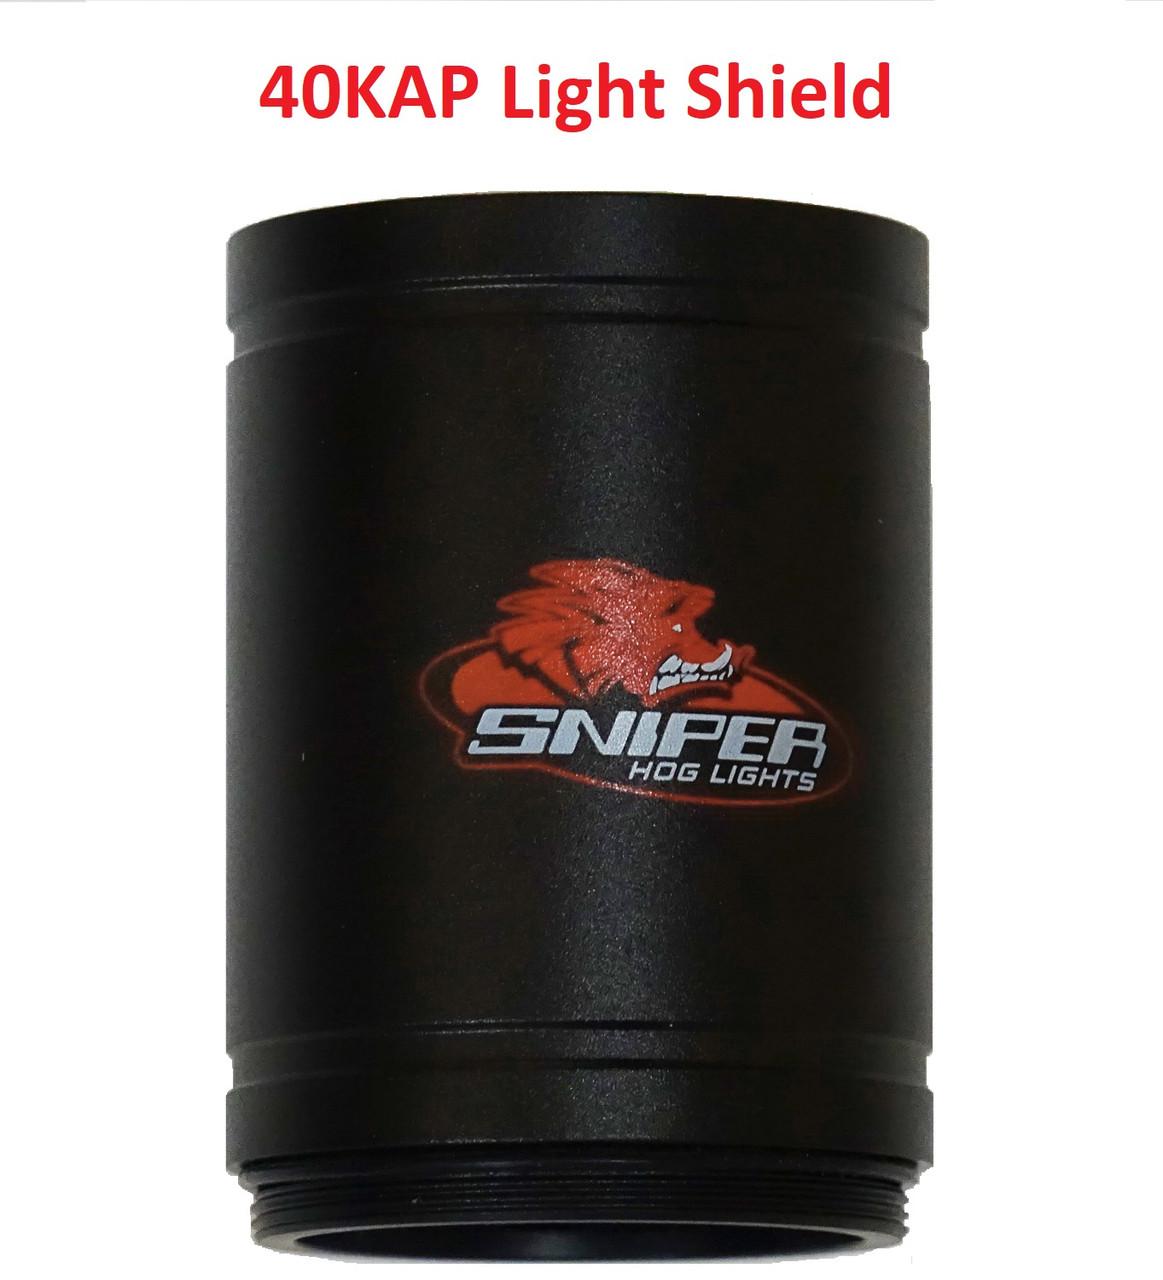 40KAP Light Shield